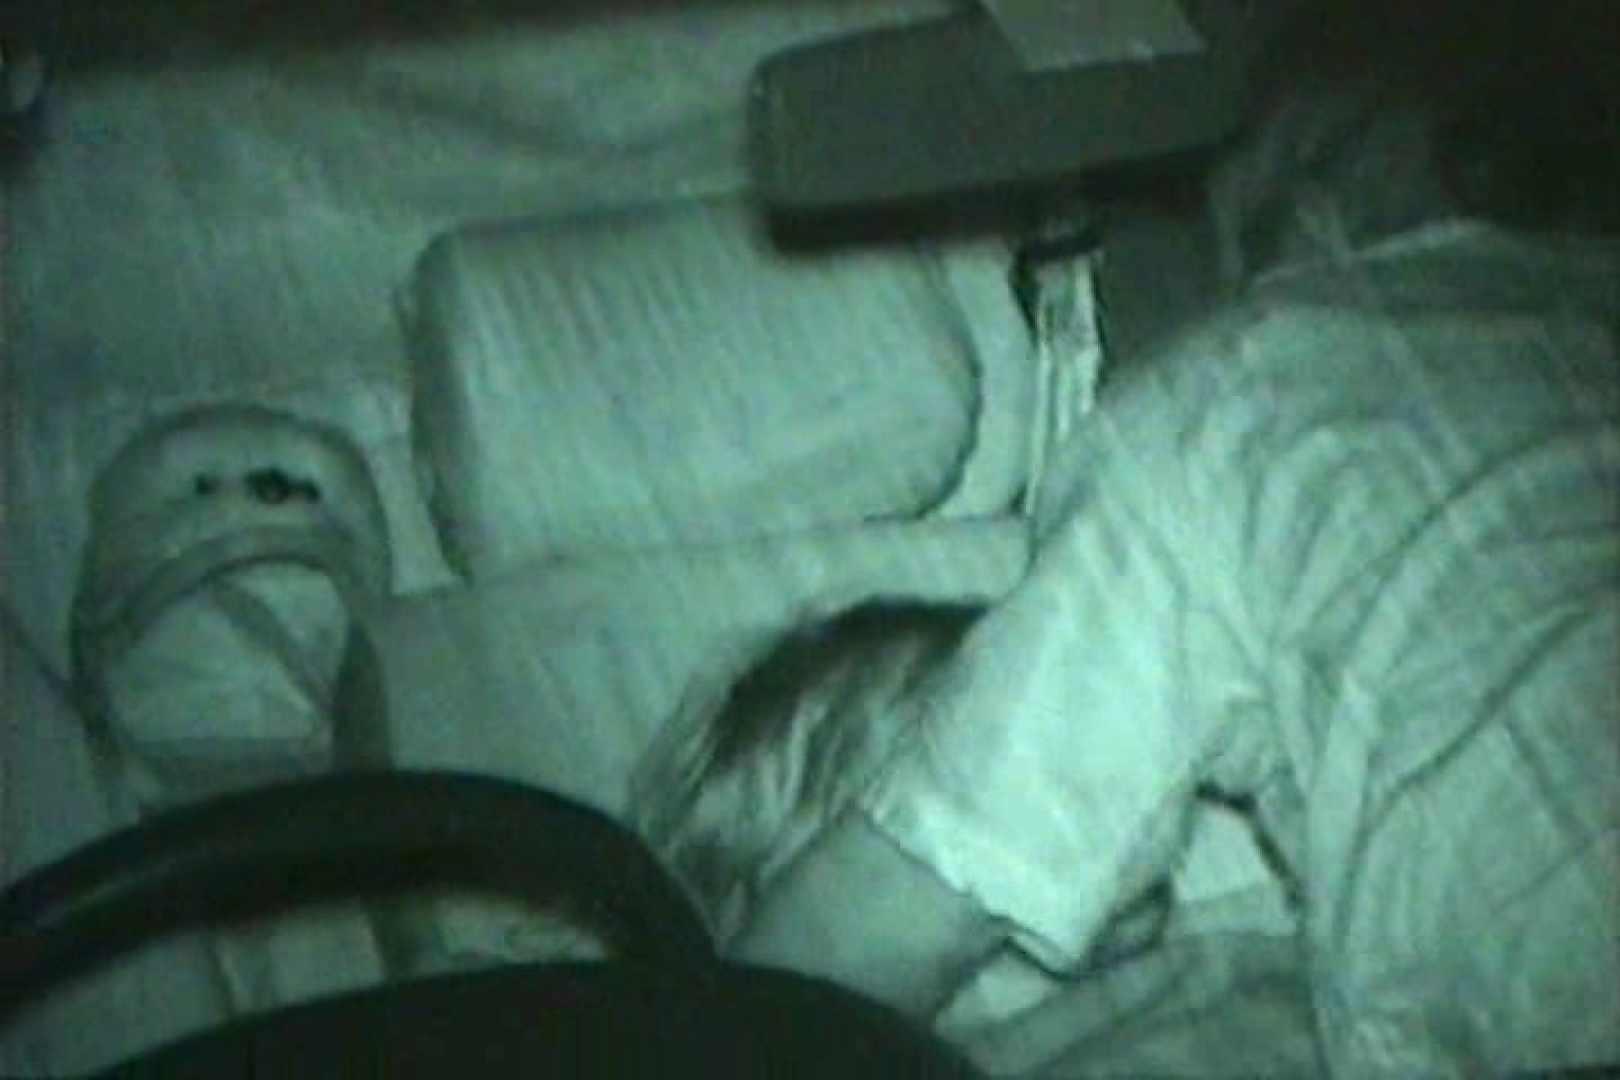 車の中はラブホテル 無修正版  Vol.24 セックス アダルト動画キャプチャ 78pic 45